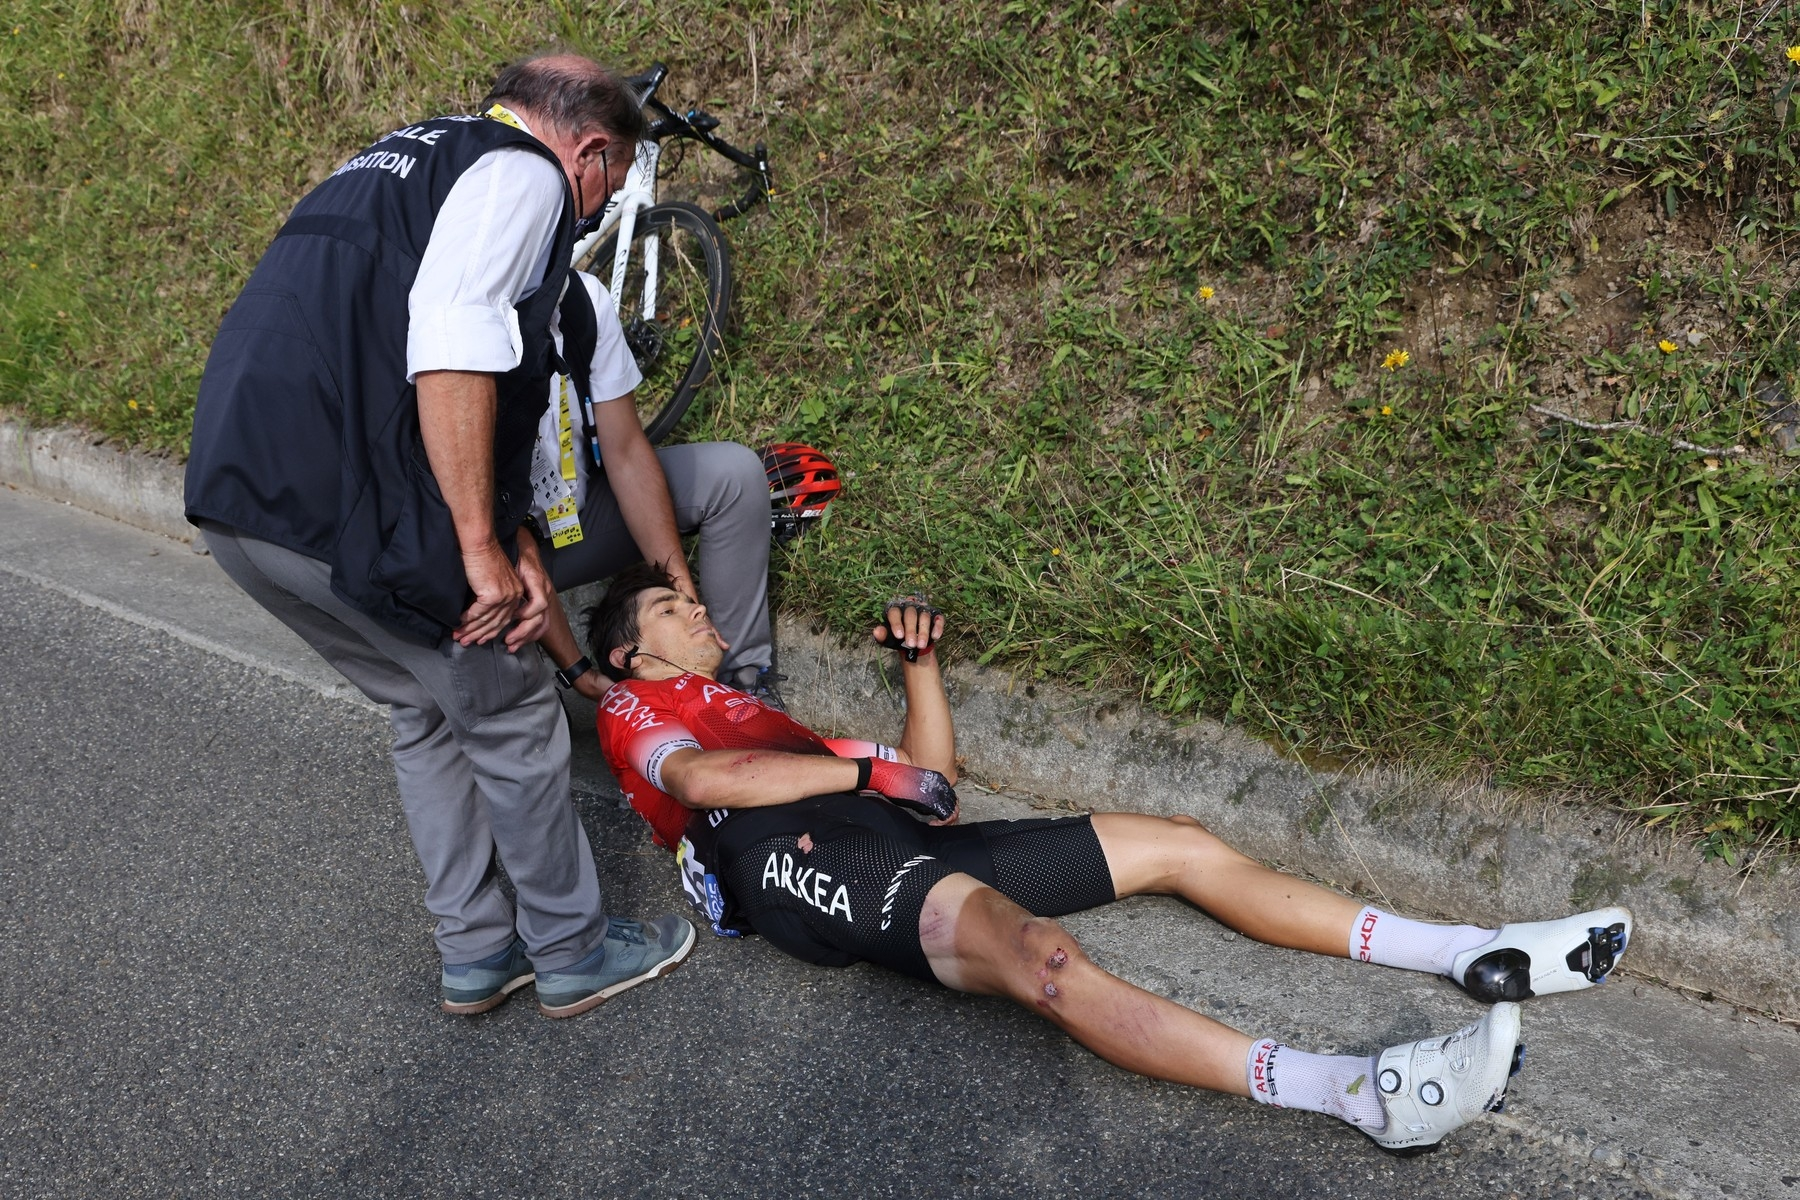 Diego Rosa z formace Arkea Samsic při karambolu v osmém dějství utrpěl kromě četných odřenin zlomeninu klíční kosti. Foto: profimedia